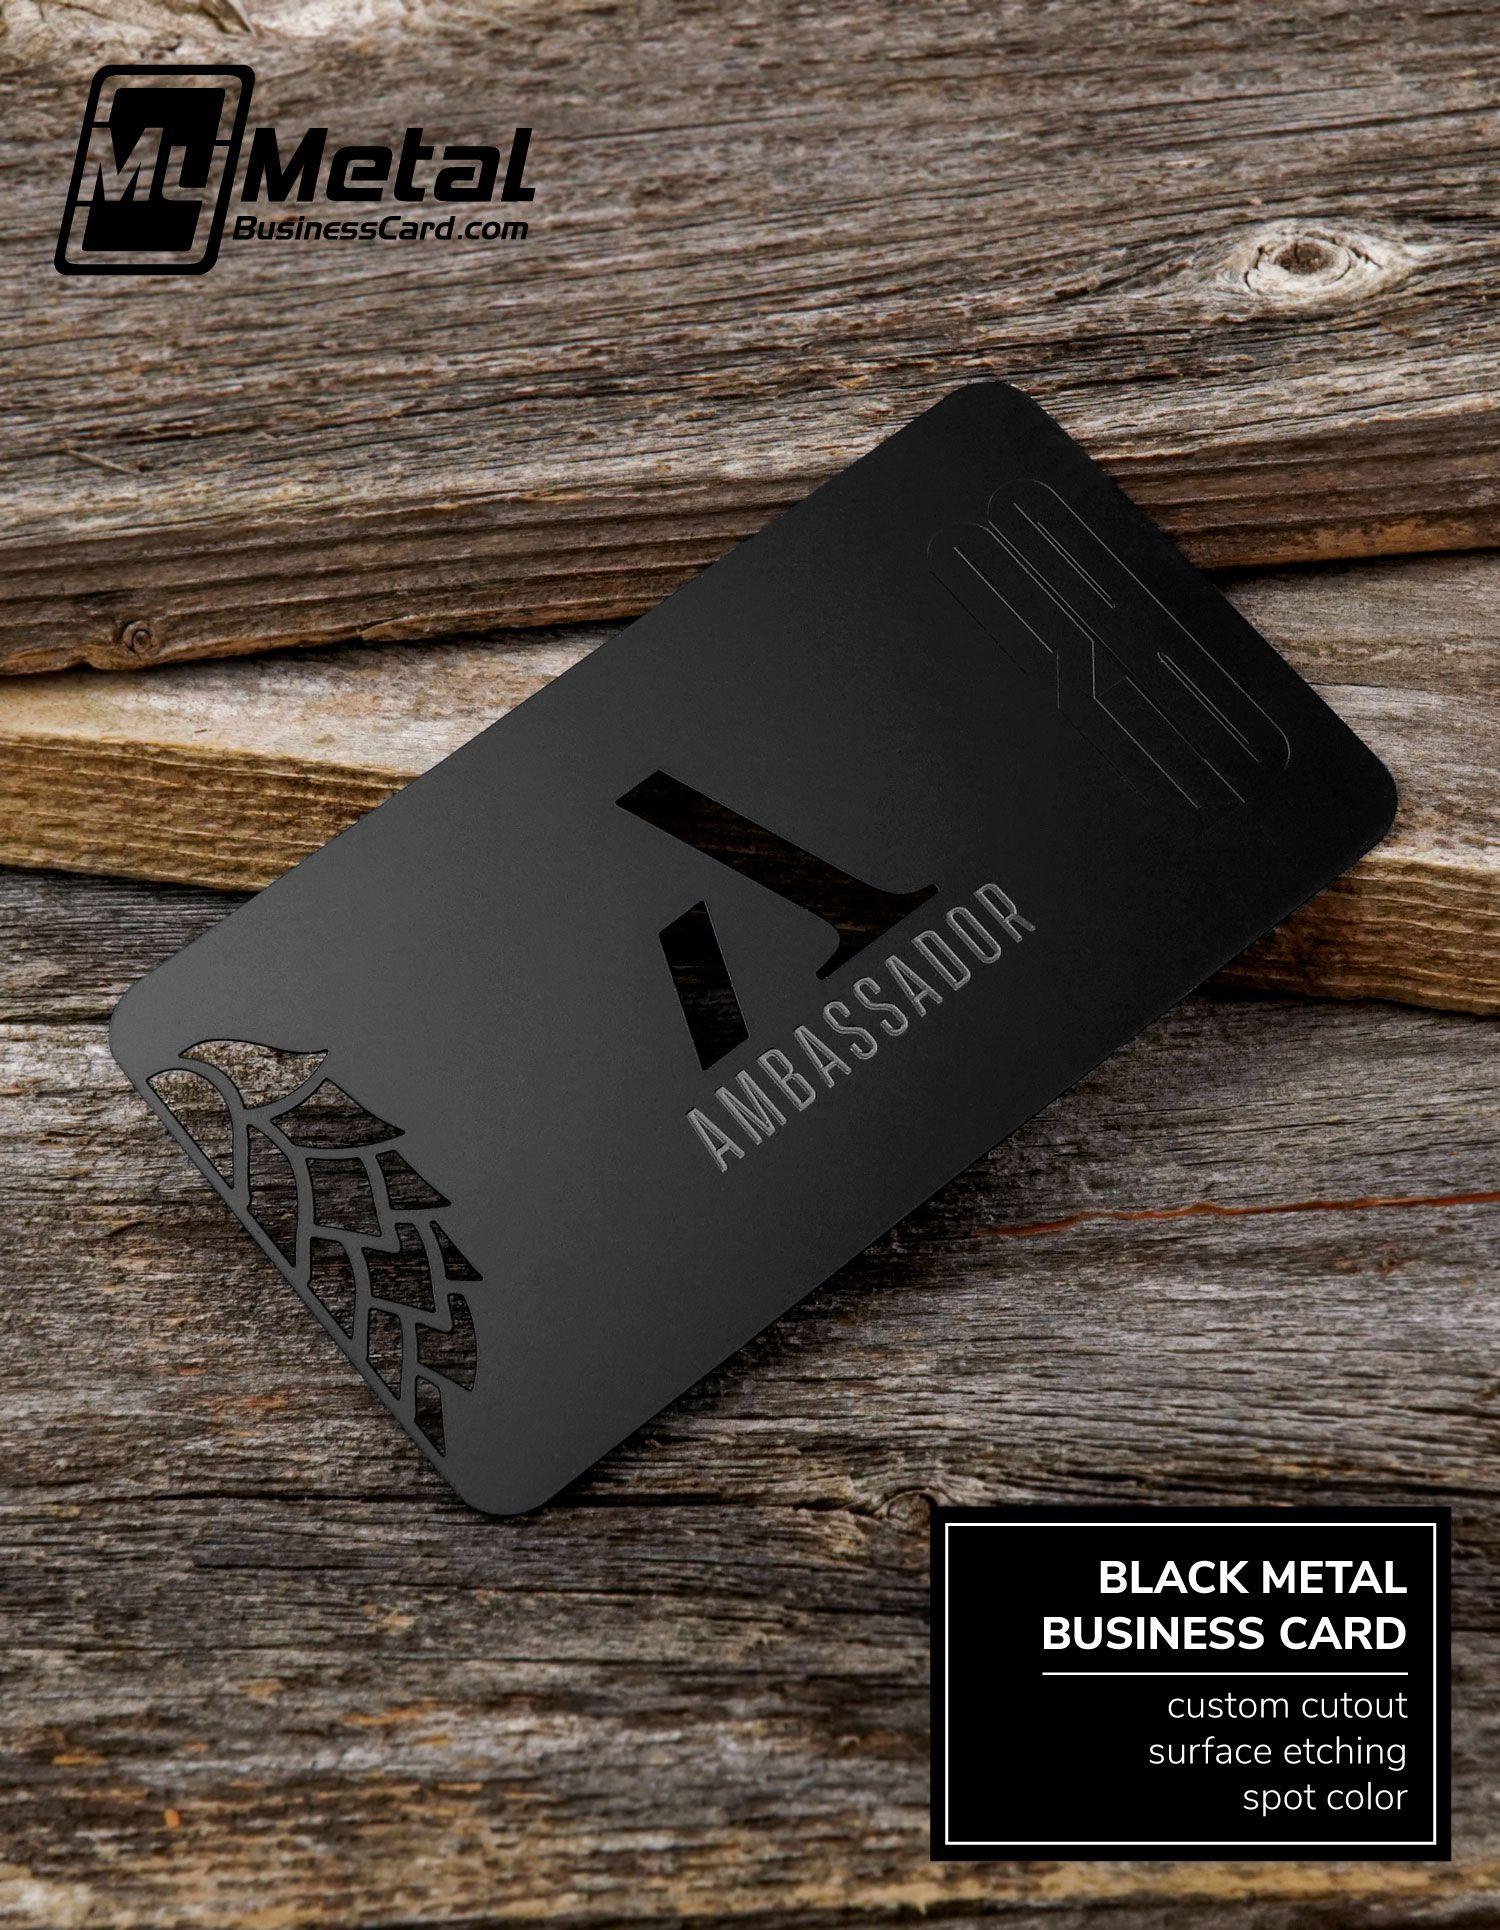 Black Metal Cards World Leader In Metal Business Cards Elegant Business Cards Design Metal Business Cards Business Card Design Black